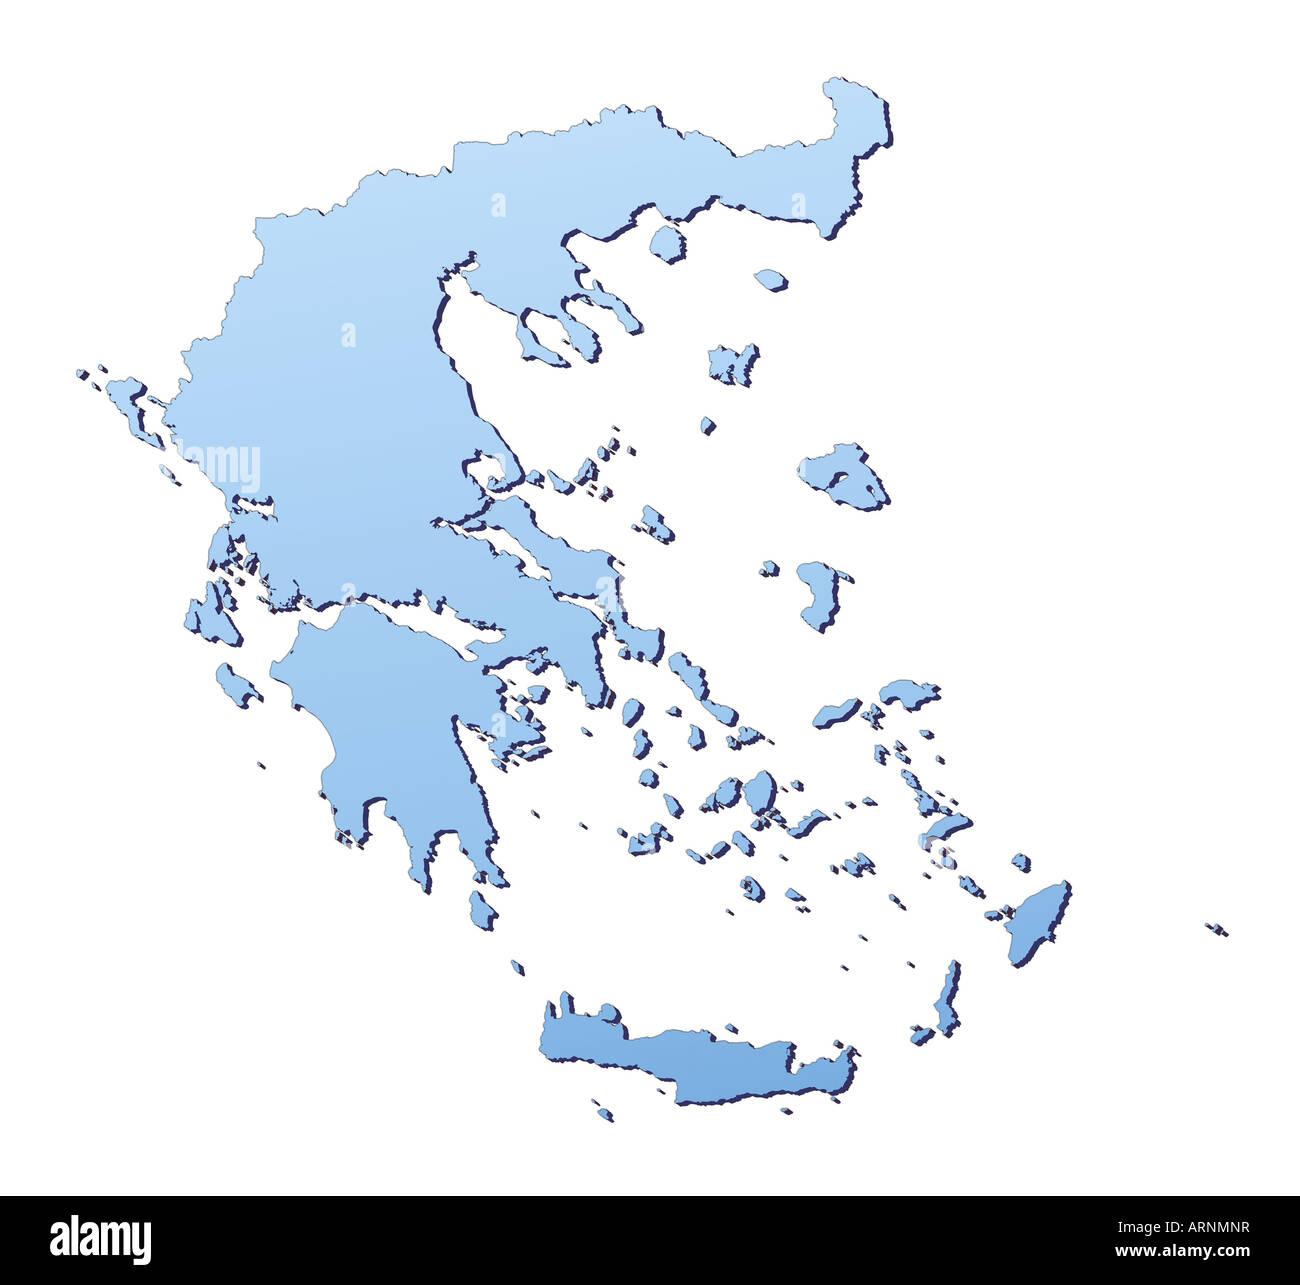 Griechenland Karte Umriss